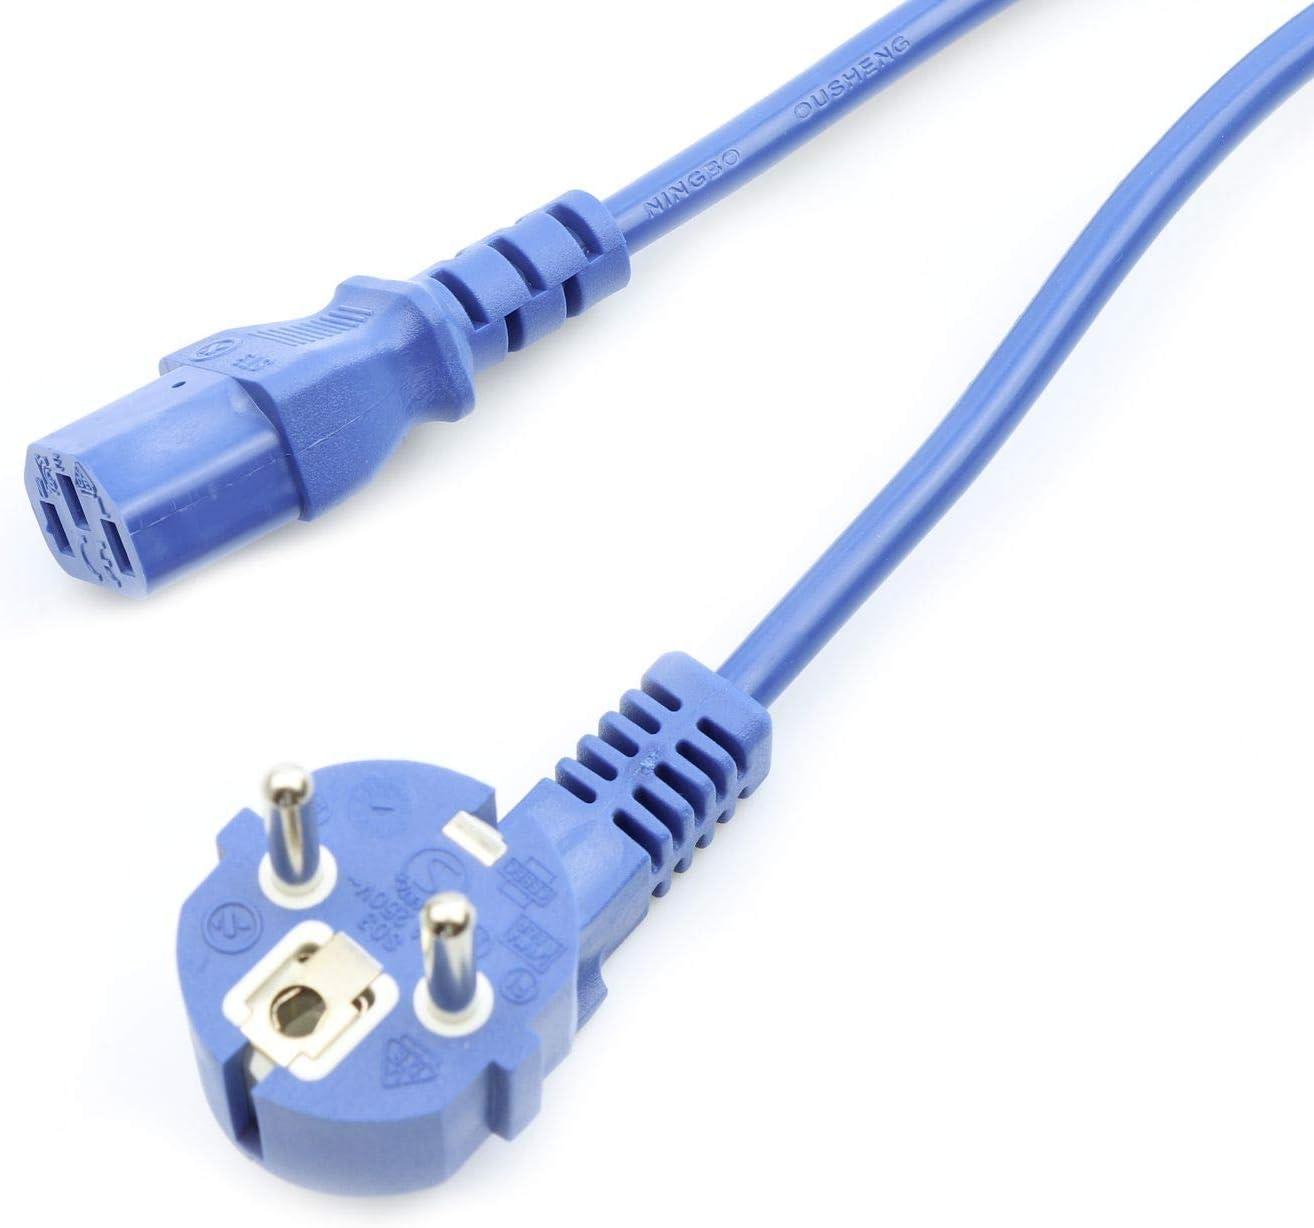 C13 VDE 5m azul CEE 7//7 monitor enchufe de corriente 90/° 230 V IEC Cable de alimentaci/ón para ordenador